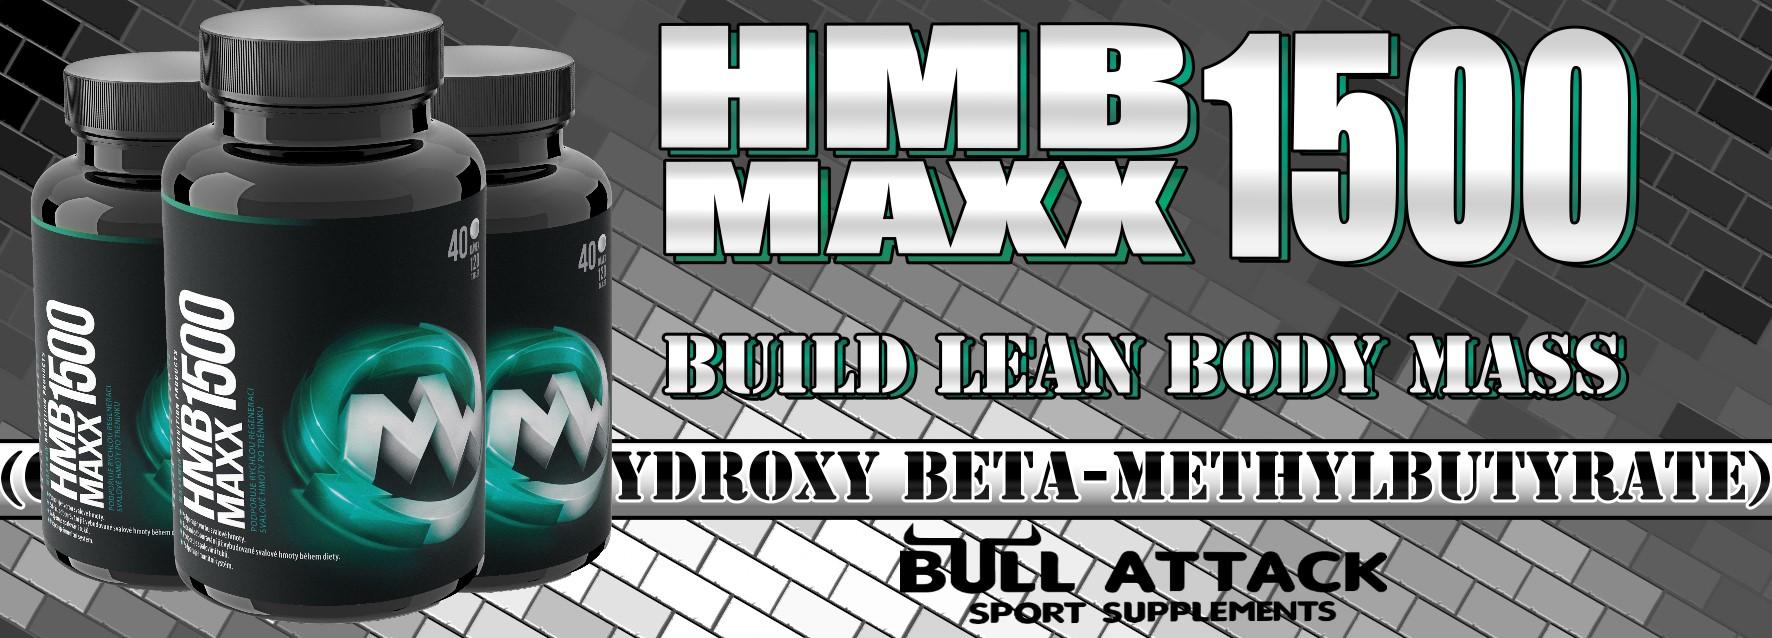 http://bull-attack.com/images/hmb-maxx-Banner.jpg